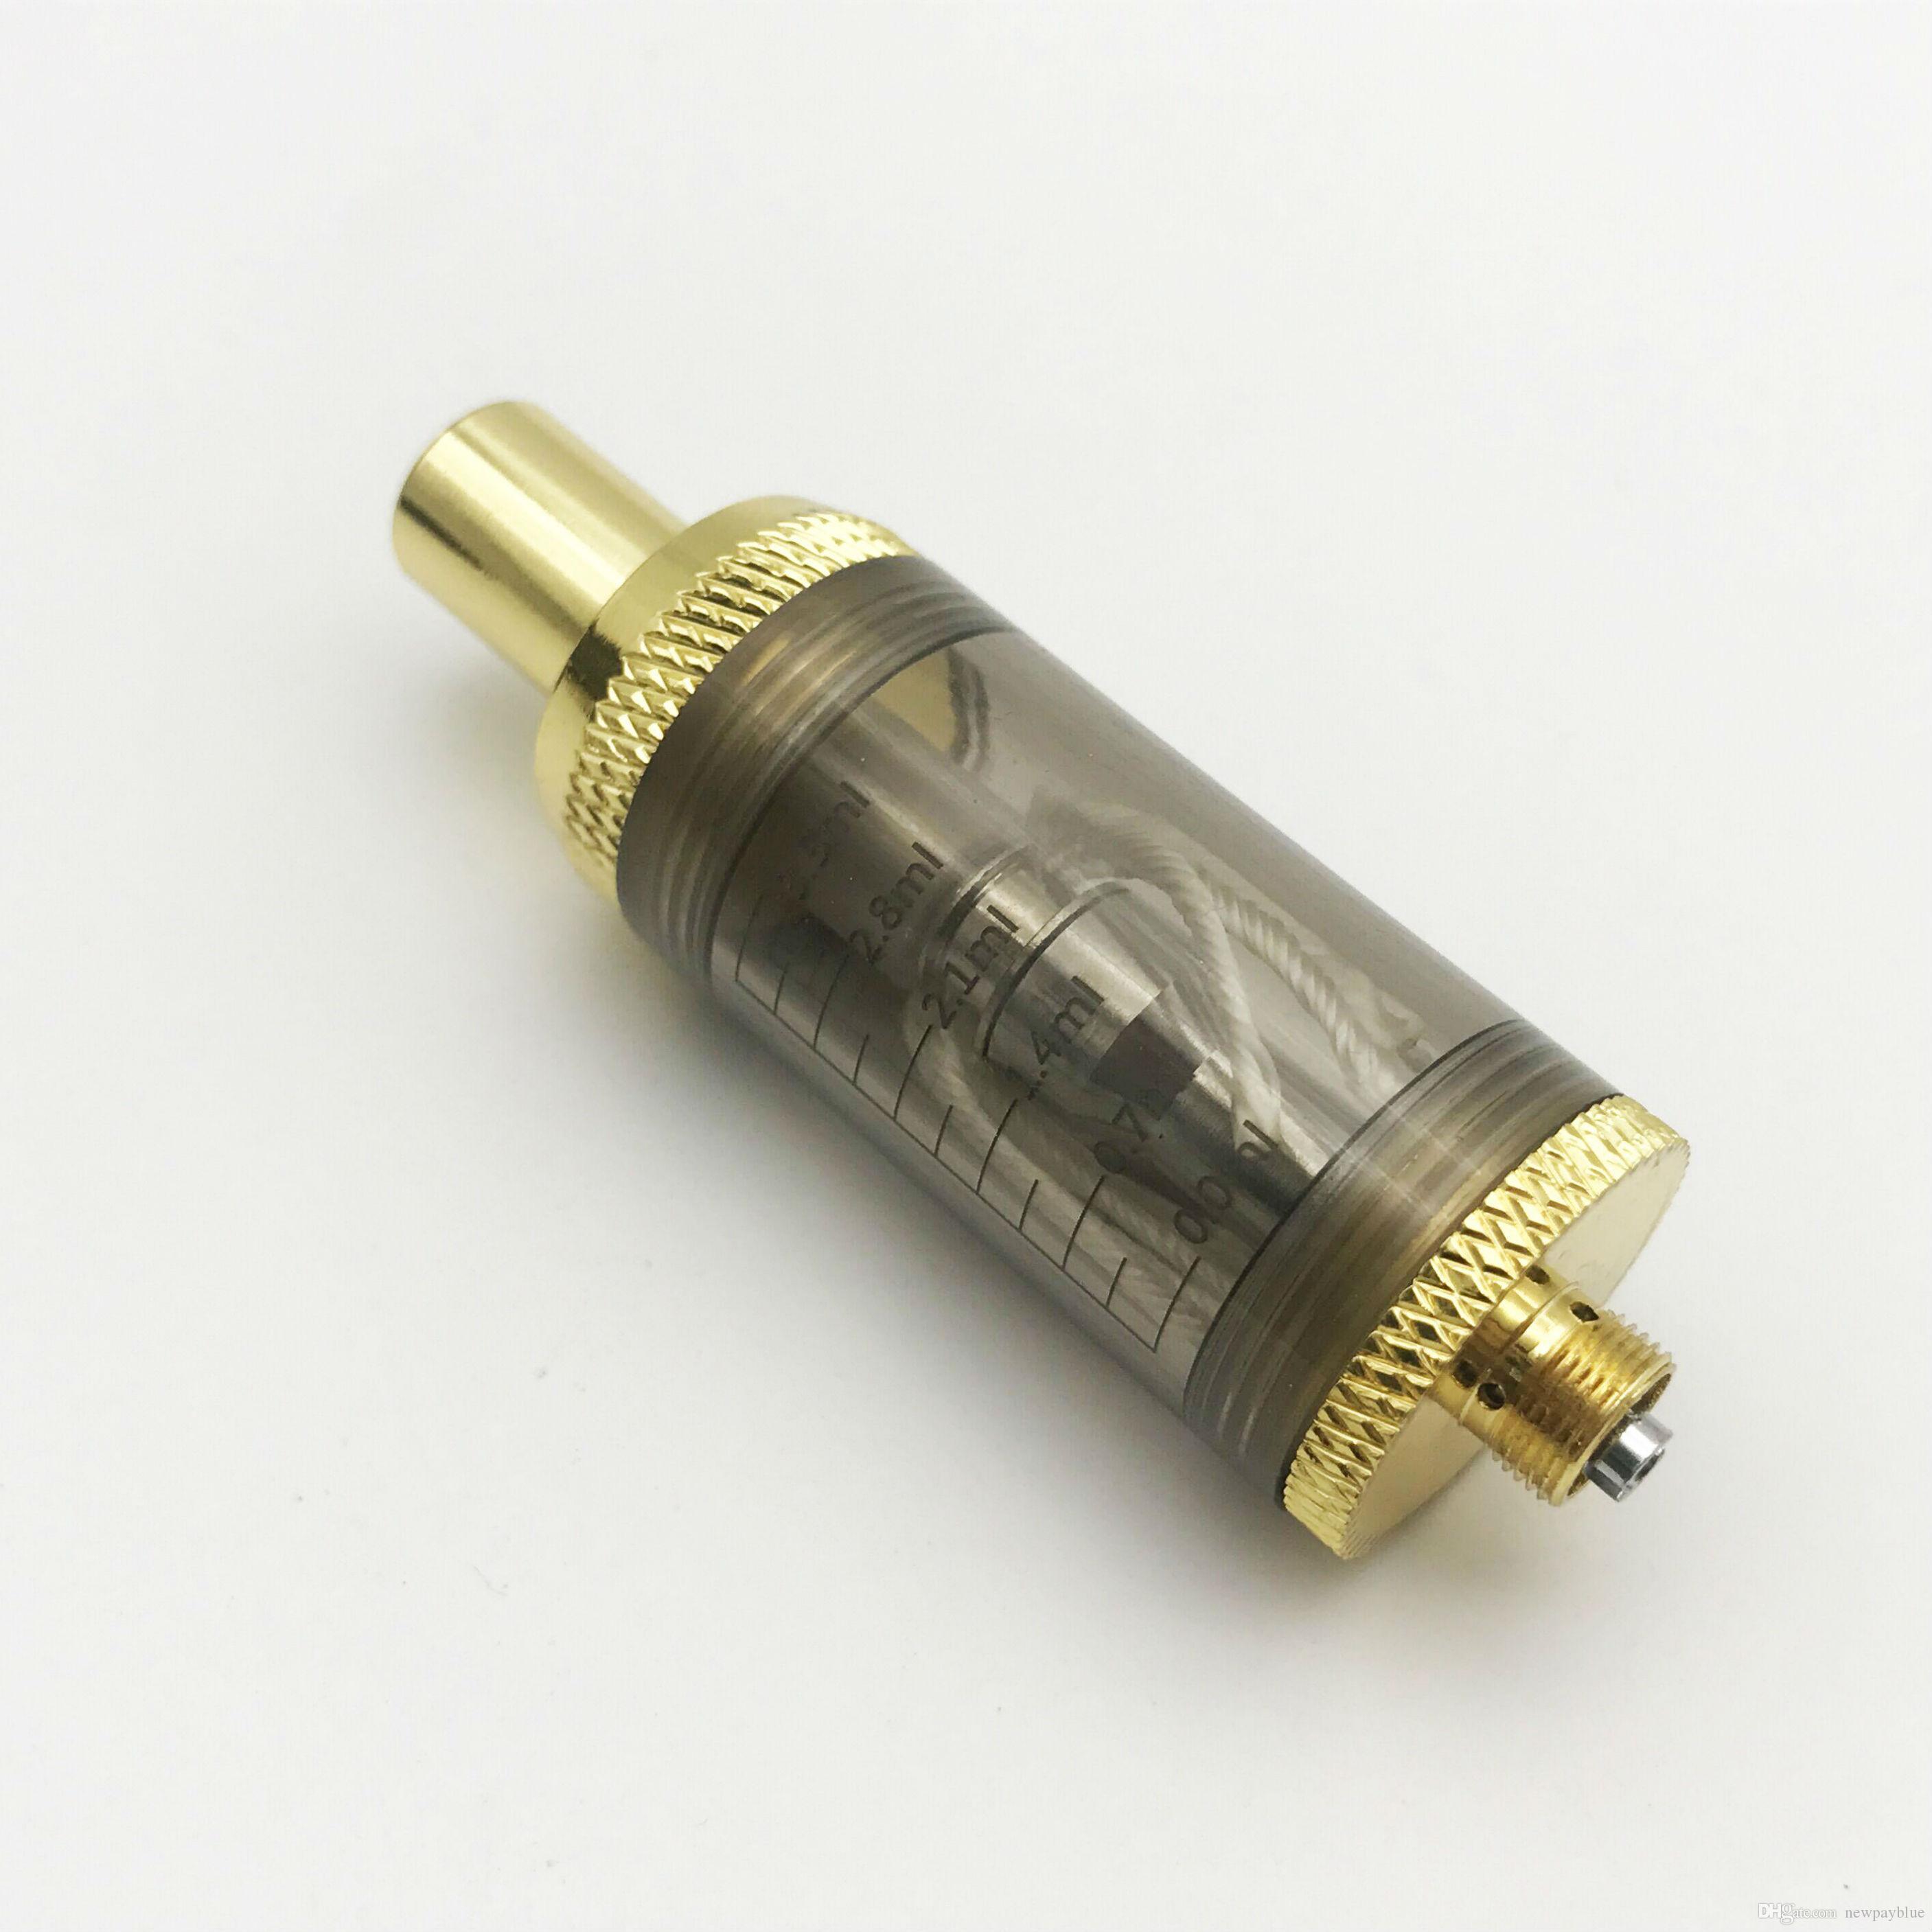 Clearomizer Atomizer Tank 3ml de grande capacidade de substituição de tensão ajustável para E Pipe 168 vaporizador Vape Pen vaporizador de cigarro eletrônico